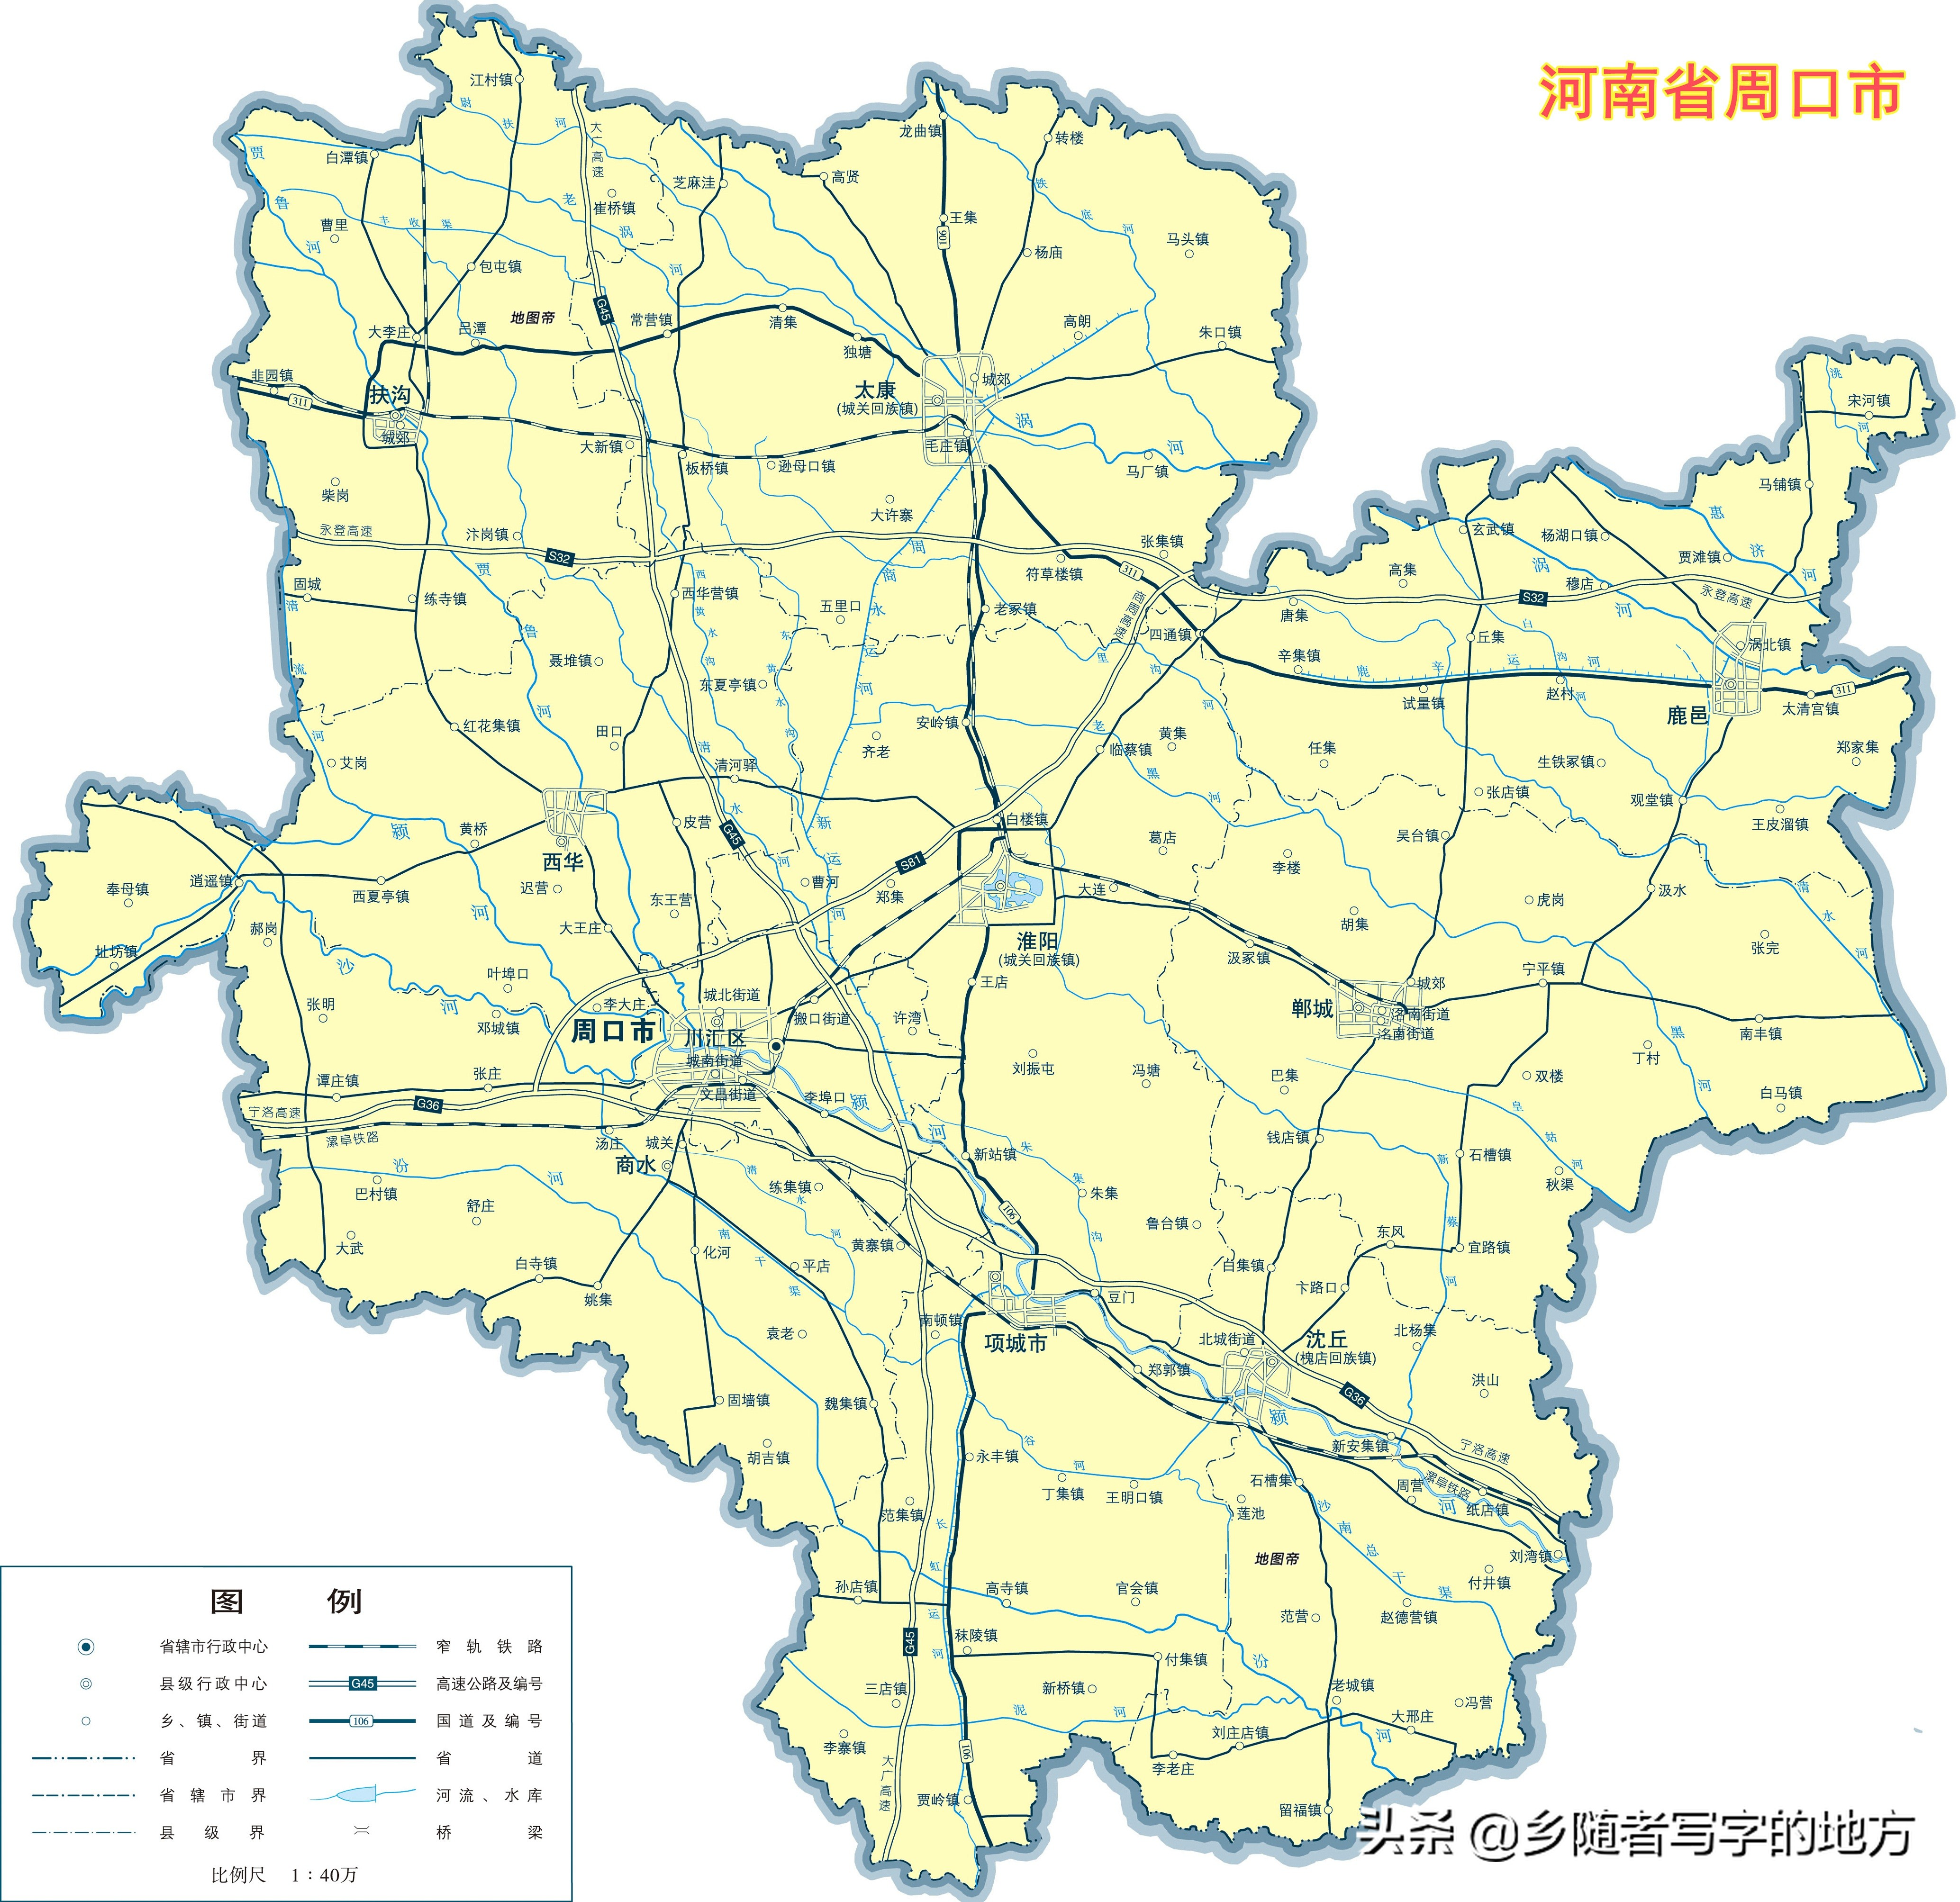 中国最新行政区划——河南省周口市